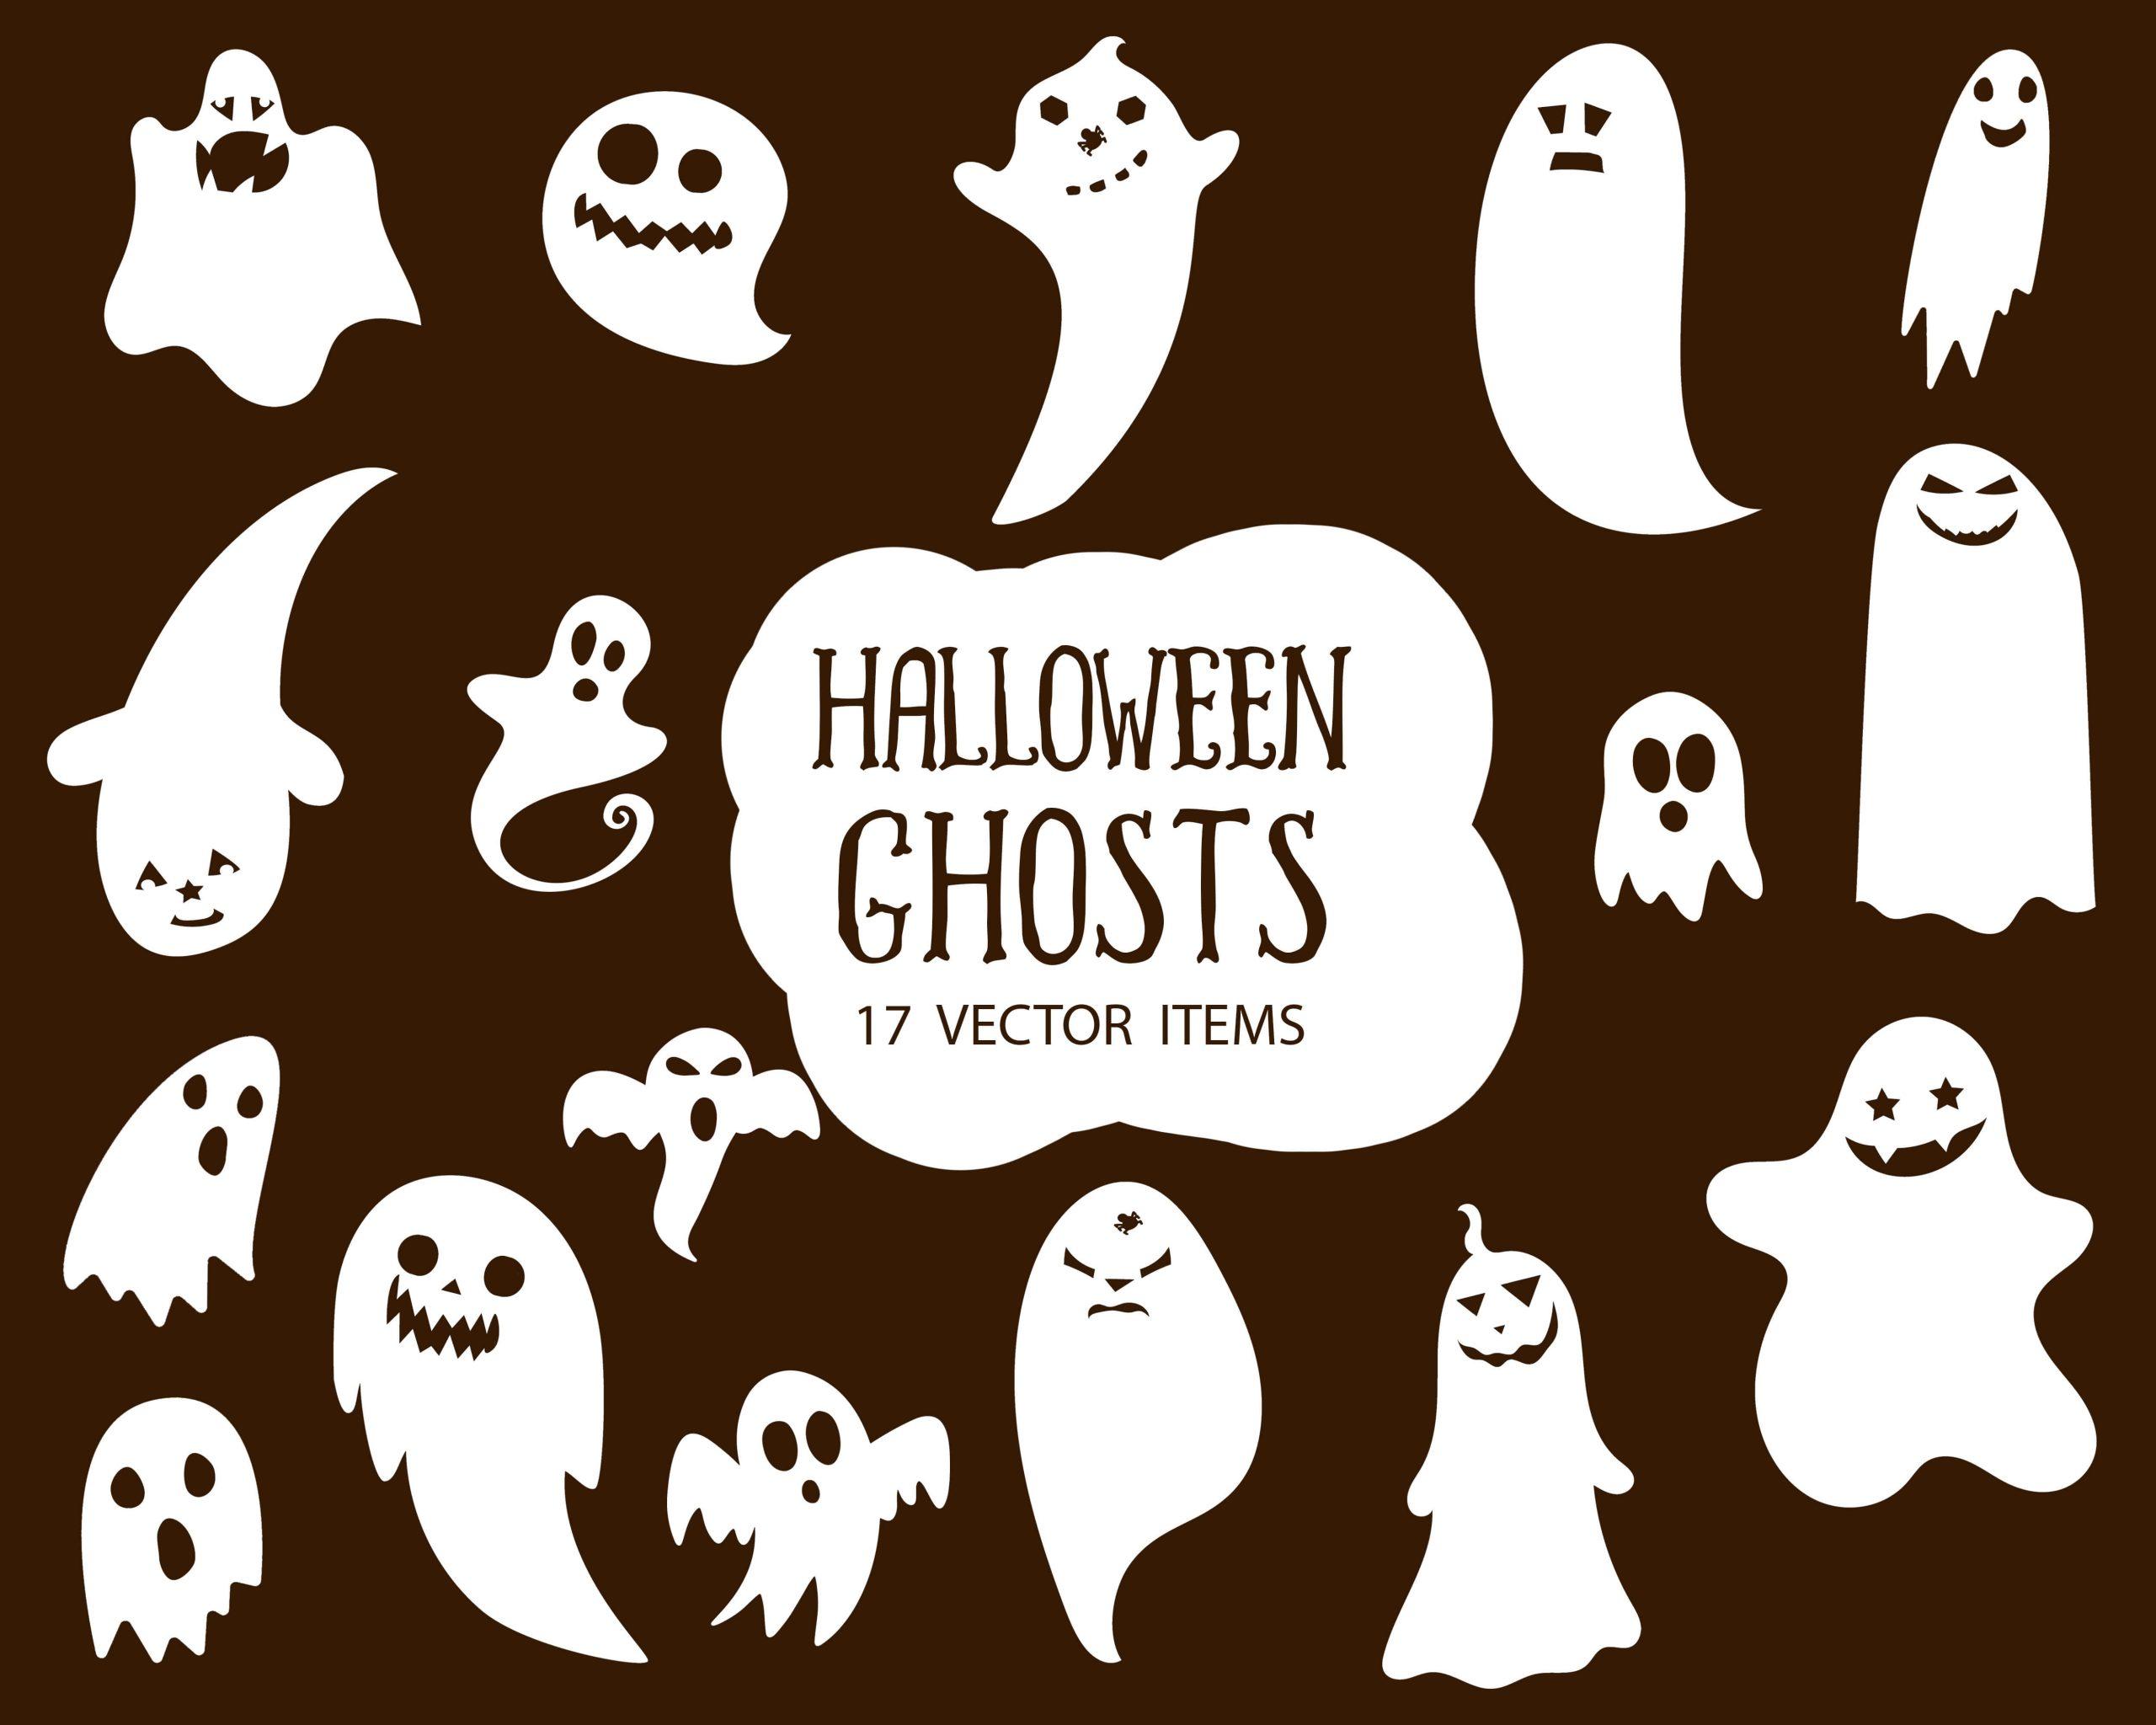 Spooky Vector Images - 17 Halloween Ghosts